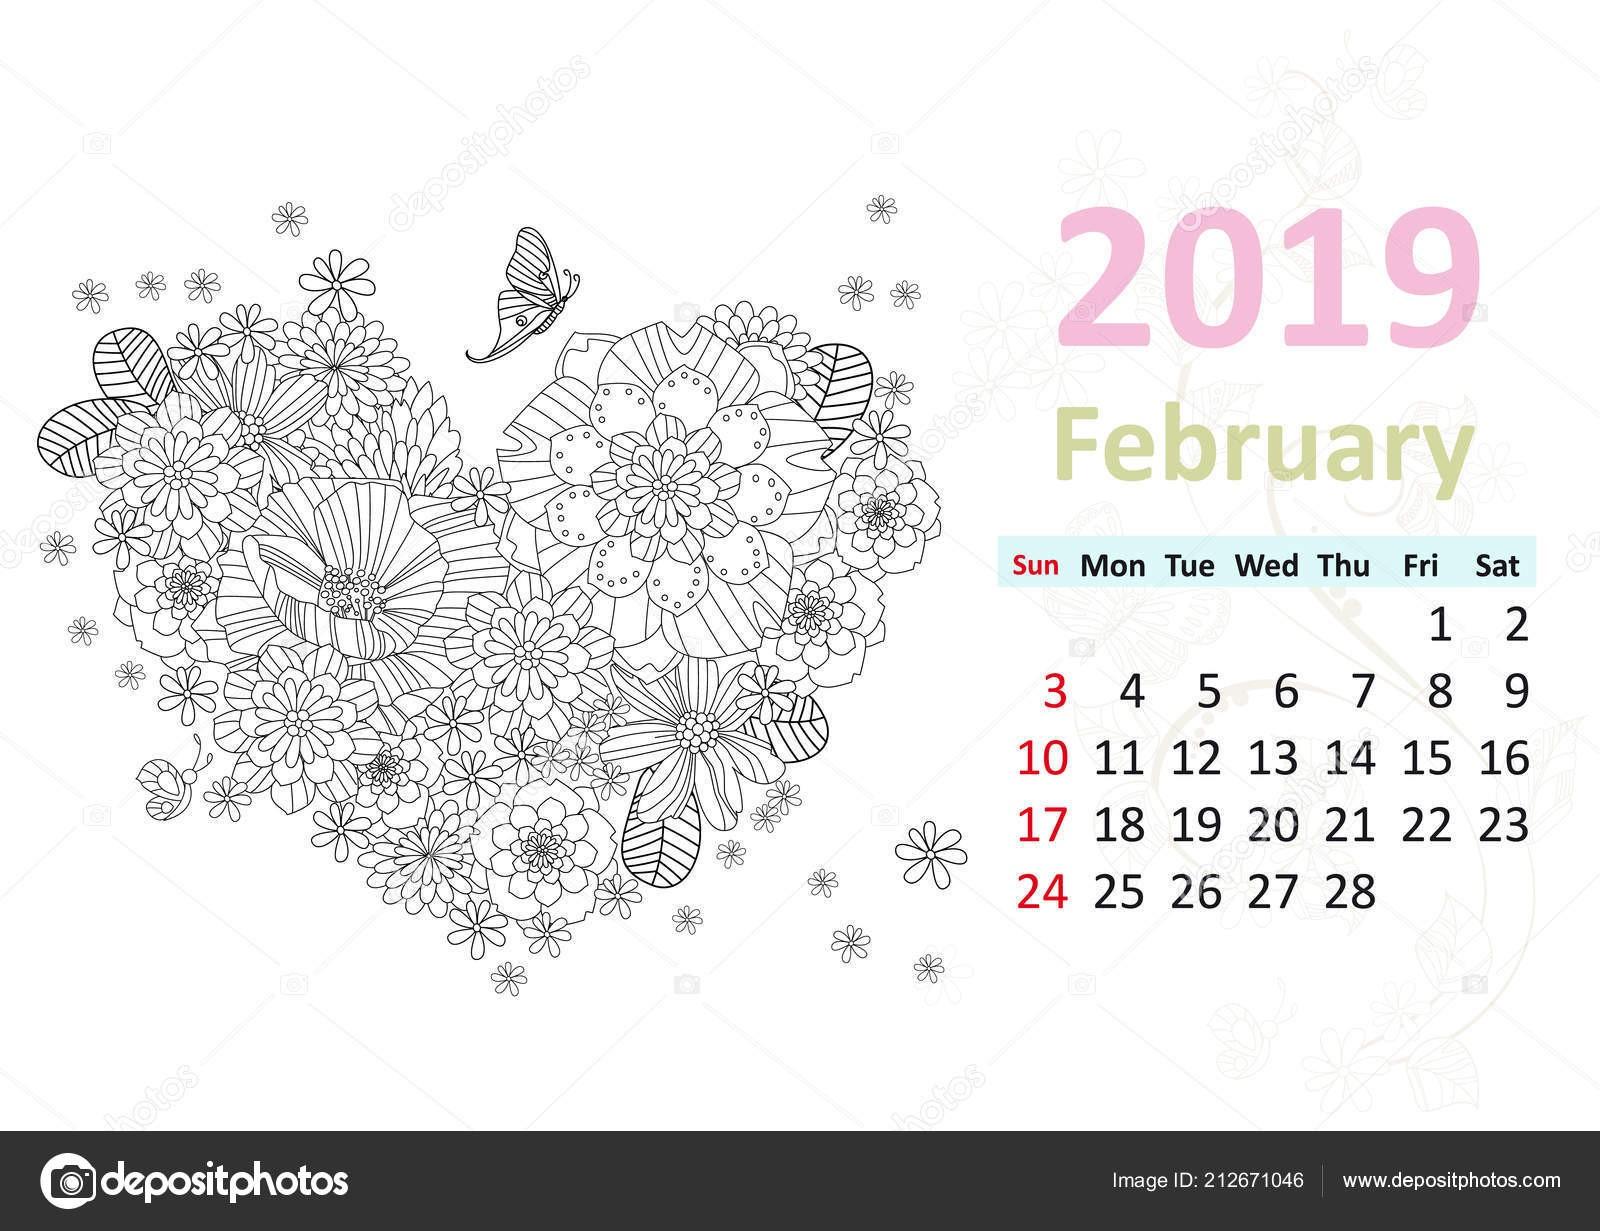 Disegni da colorare pagina calendario per febbraio 2019 con fiori che formano cuore — Vettoriali di Oksana